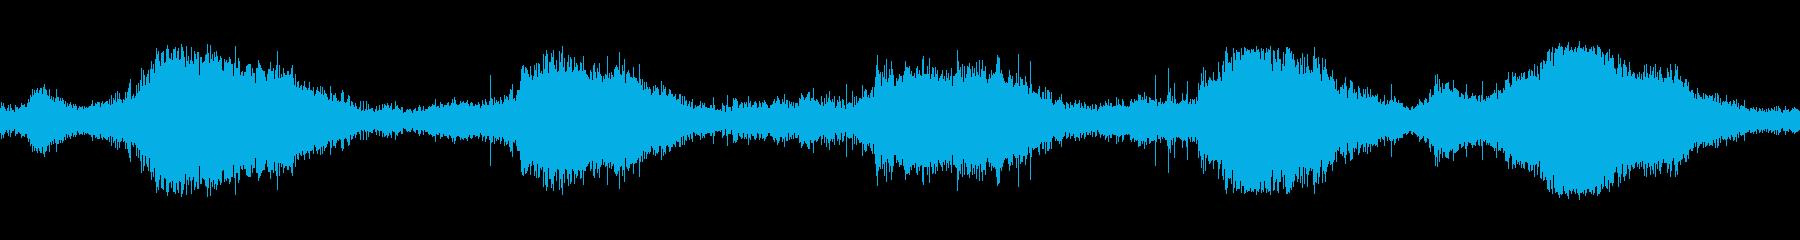 波オーシャンサーフ高bの再生済みの波形